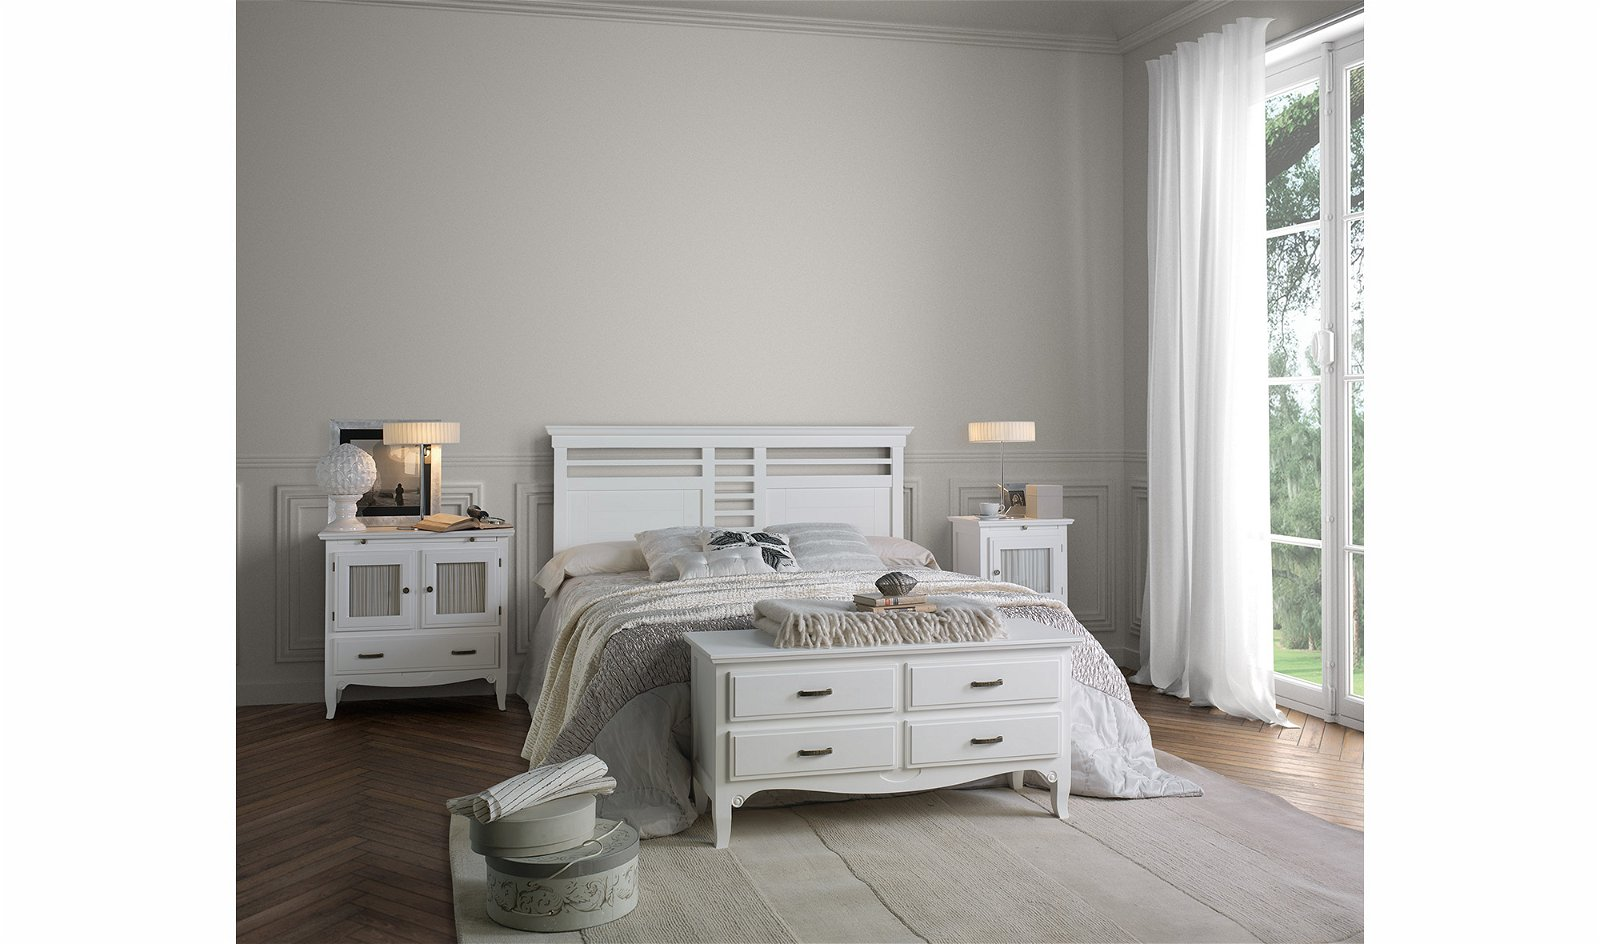 Dormitorio colonial tosca Fontana